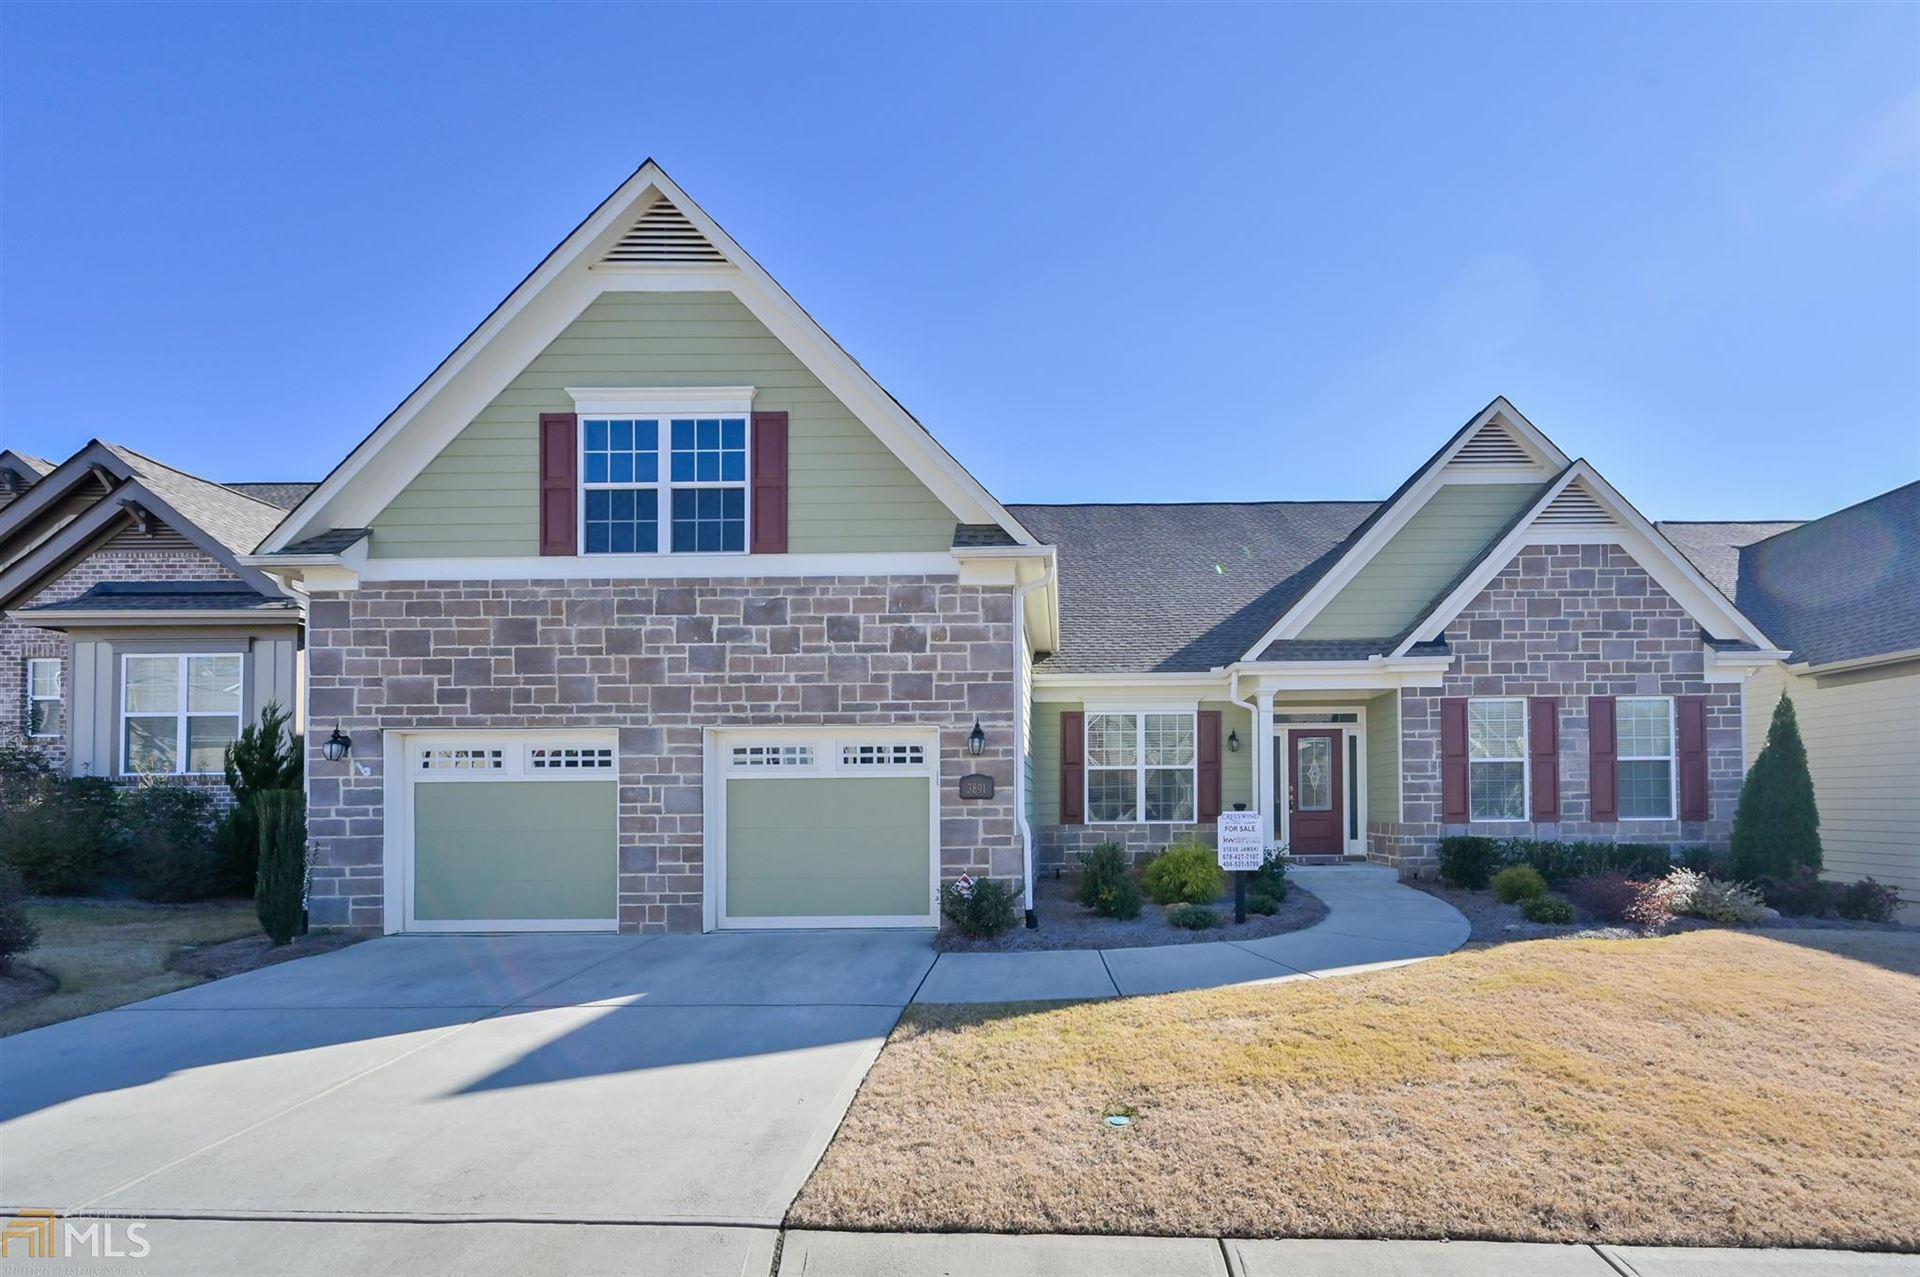 3891 Sweet Magnolia Dr, Gainesville, GA 30504 - MLS#: 8915756